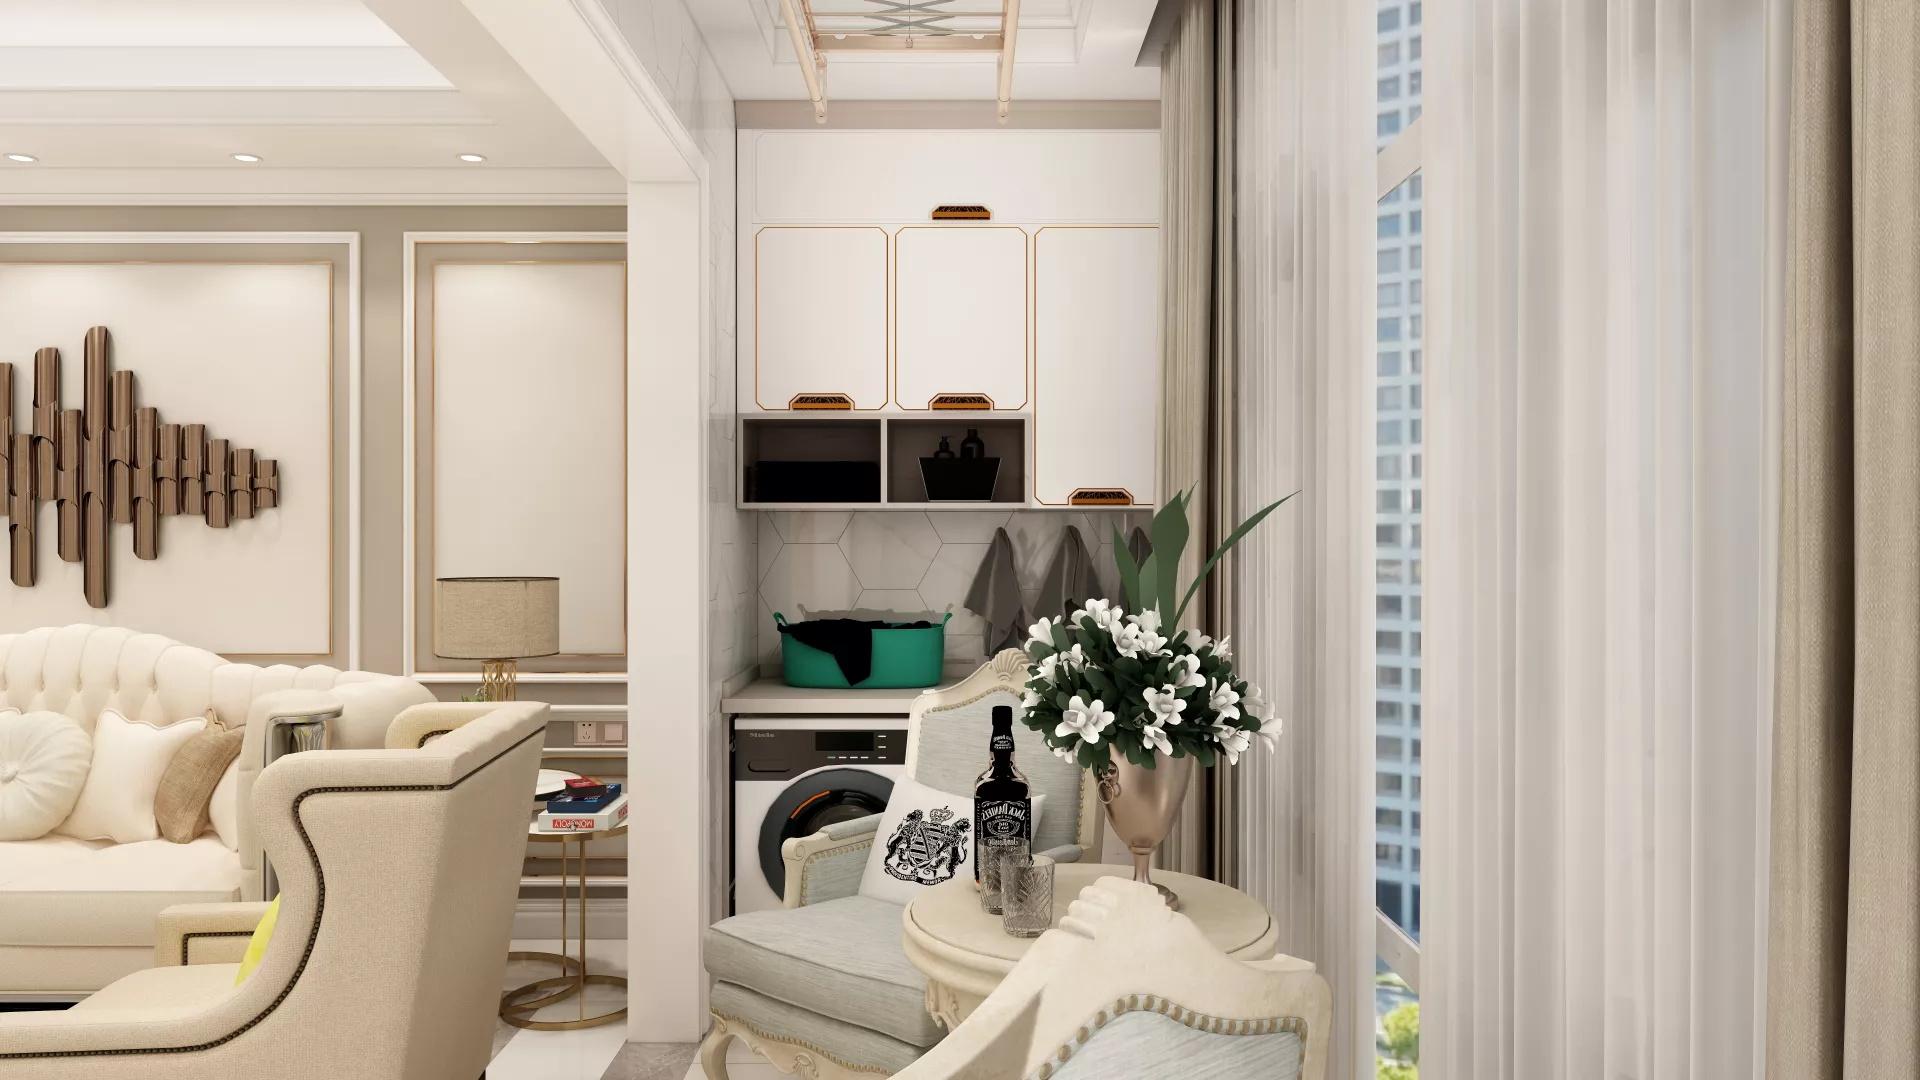 客厅瓷砖用什么颜色 客厅选什么颜色瓷砖好